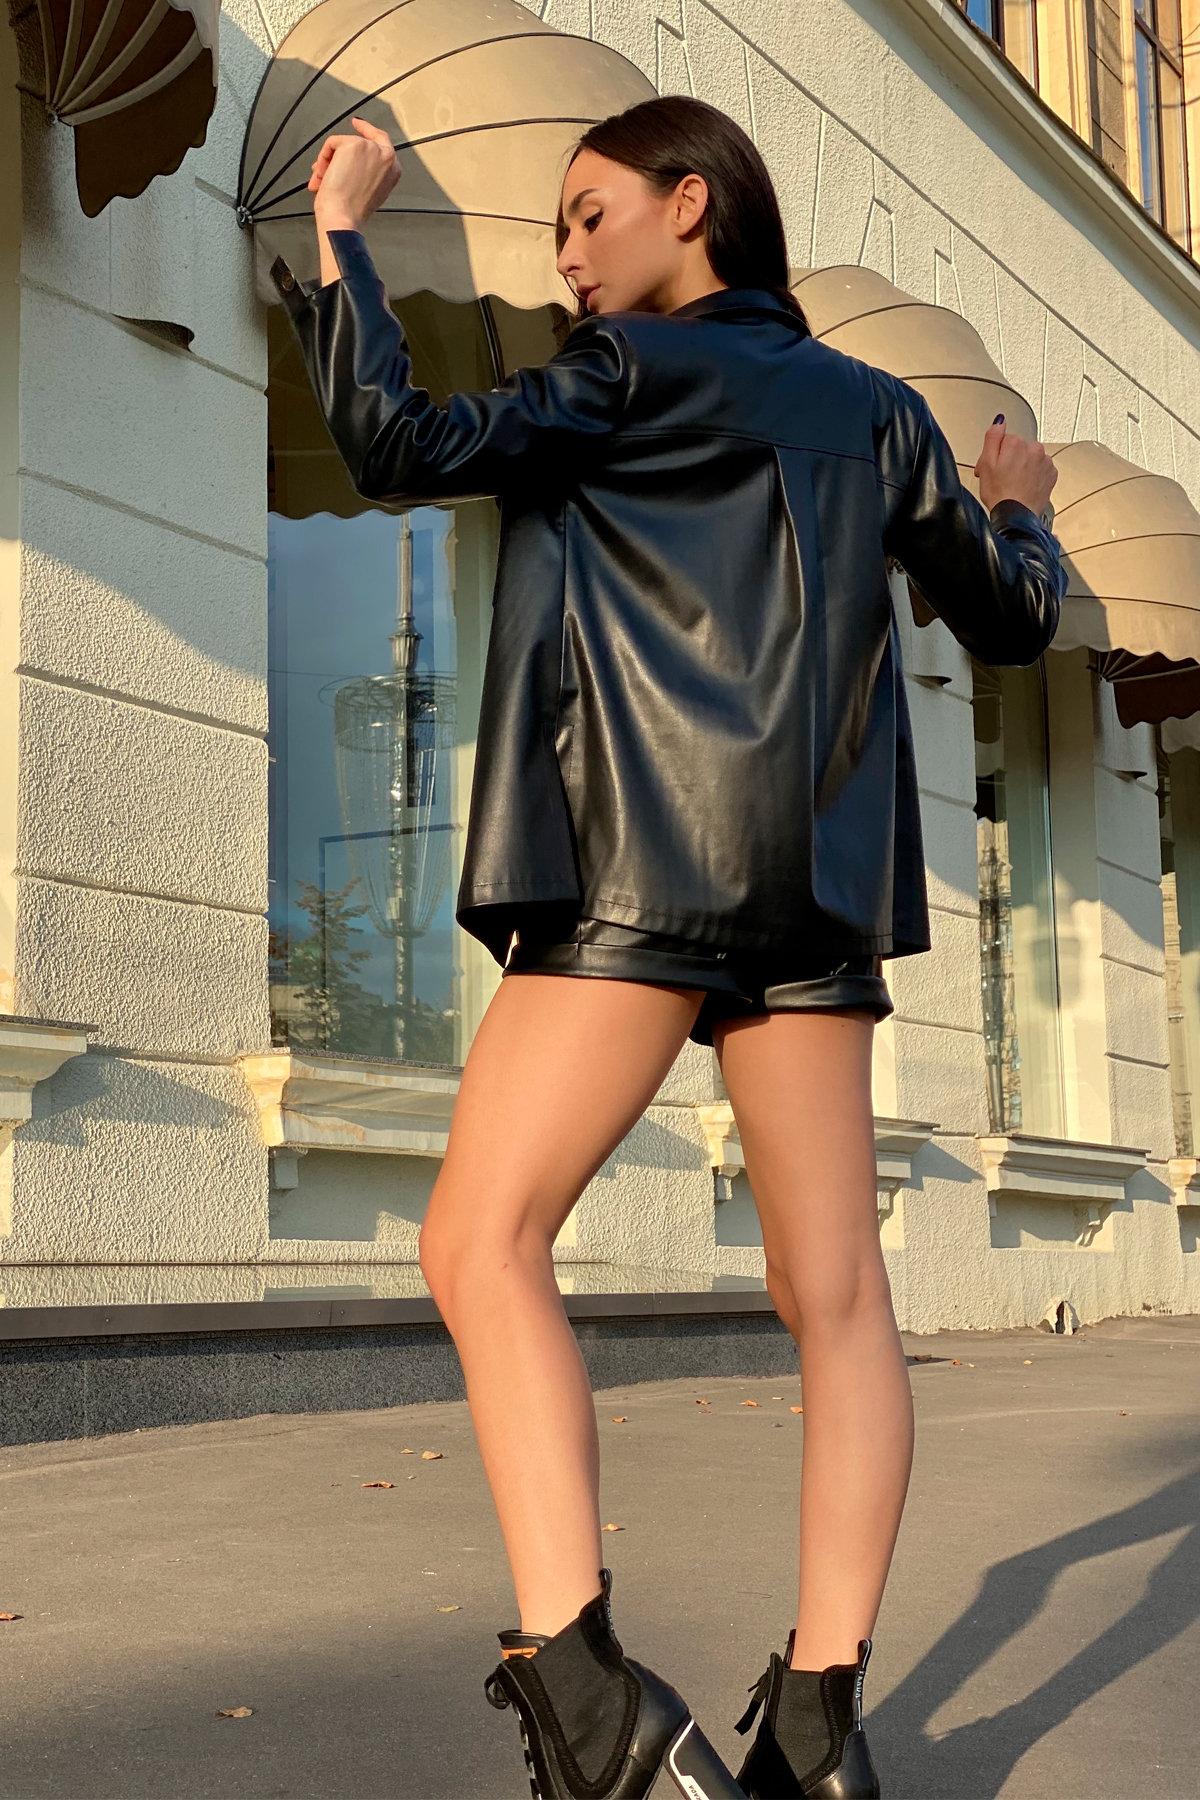 Рубашка Телави 9731 АРТ. 46033 Цвет: Чёрный - фото 7, интернет магазин tm-modus.ru